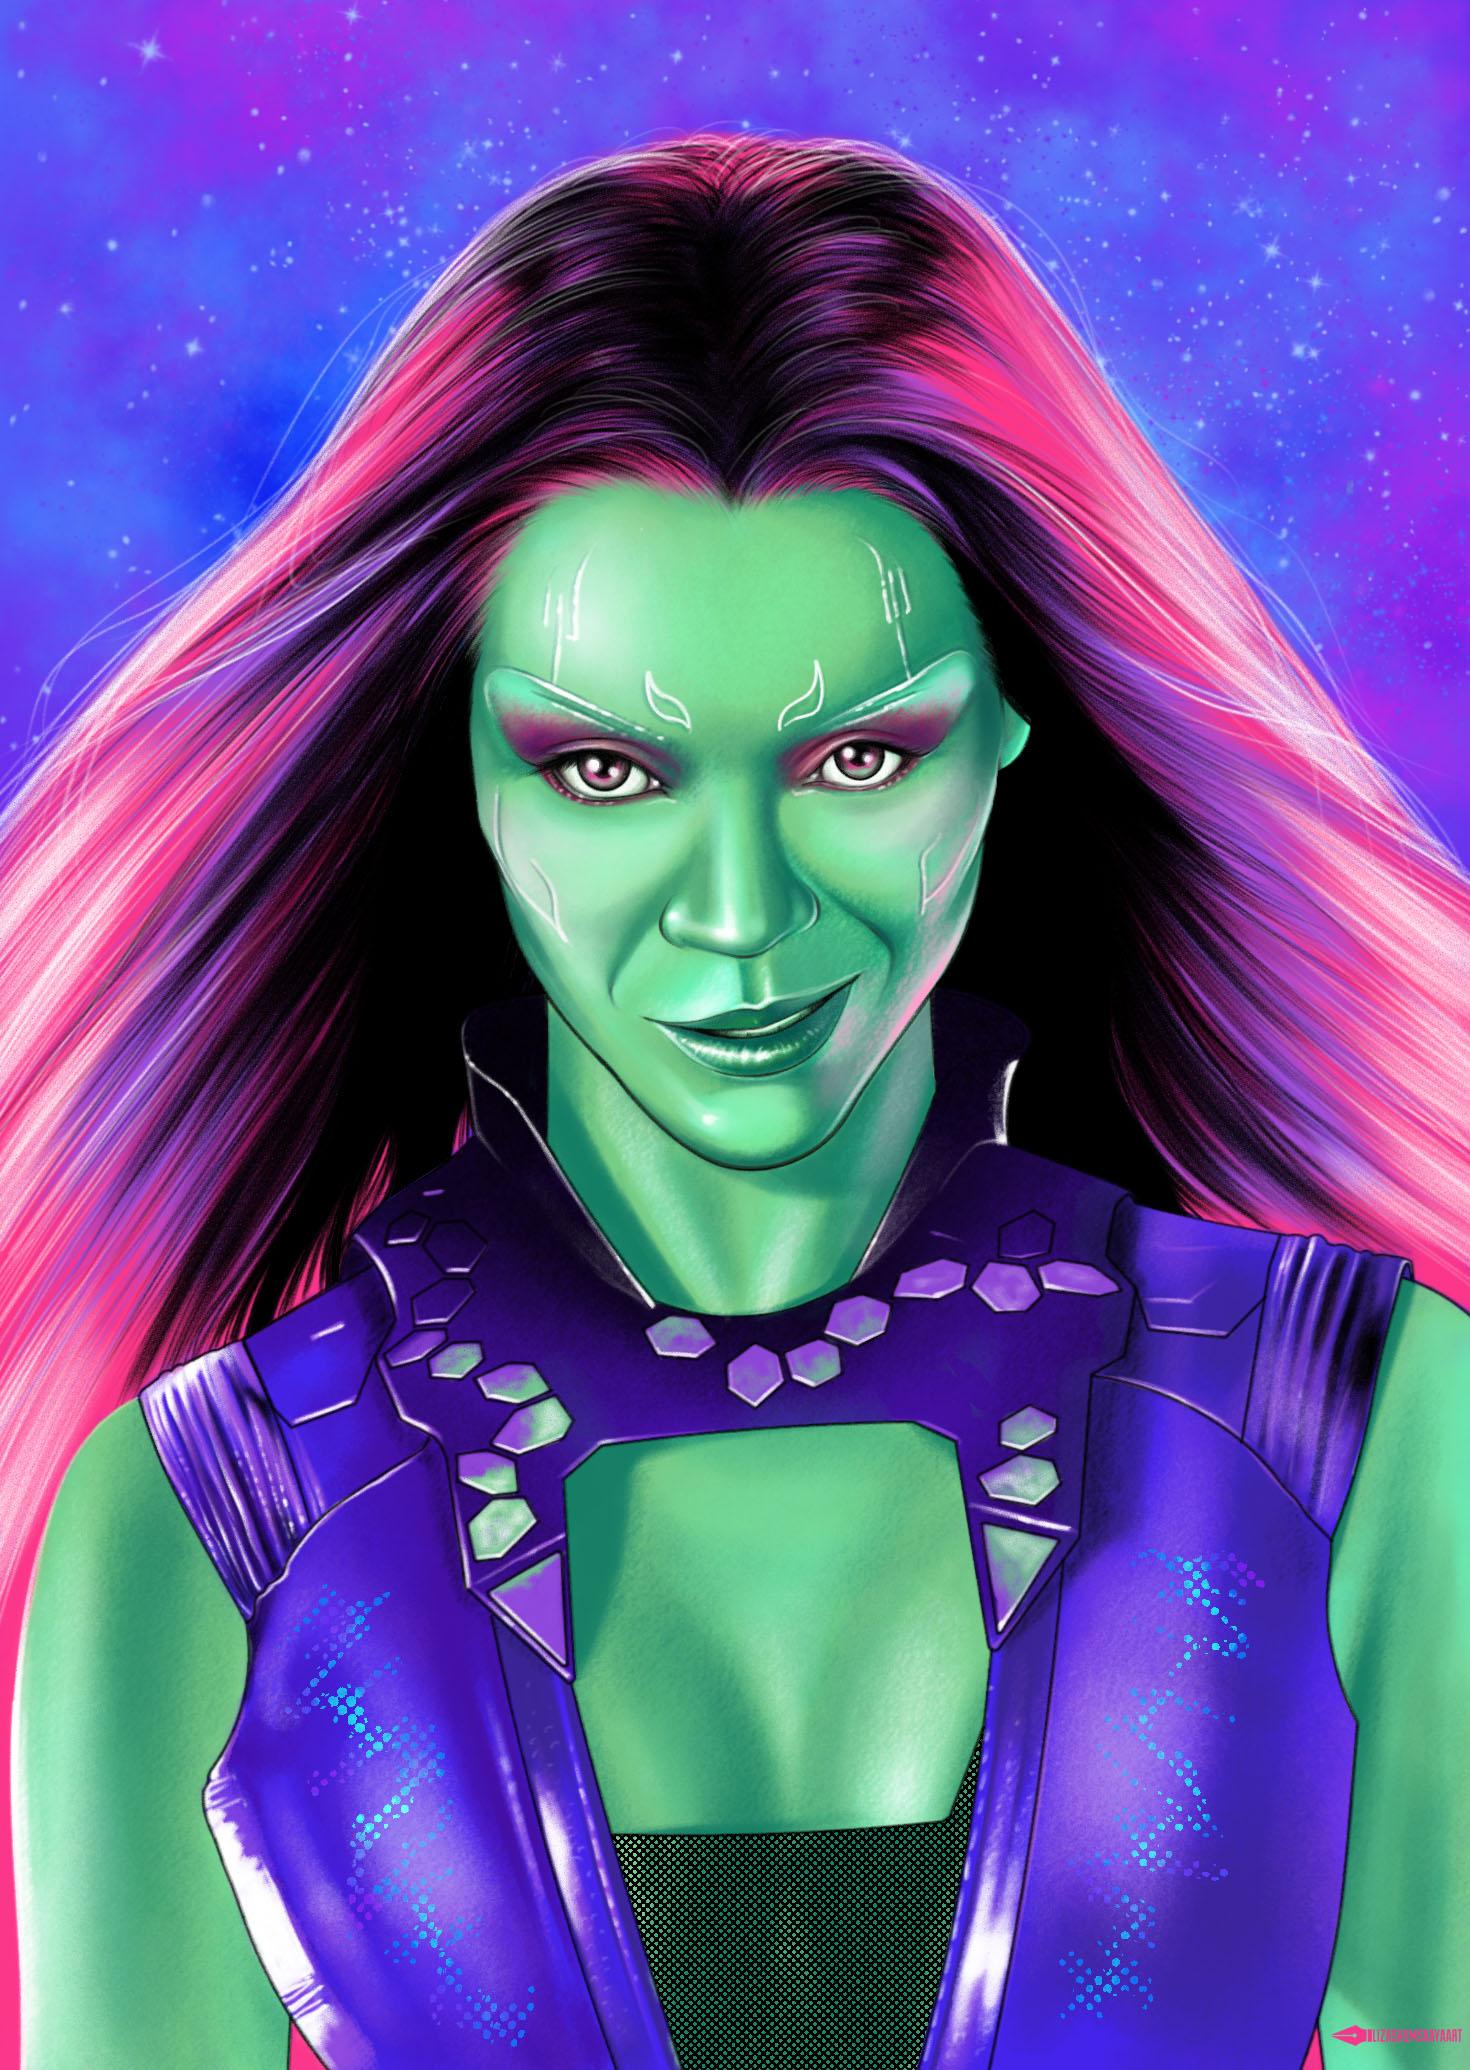 Gamora Avengers Endgame poster   Marvel superheroes